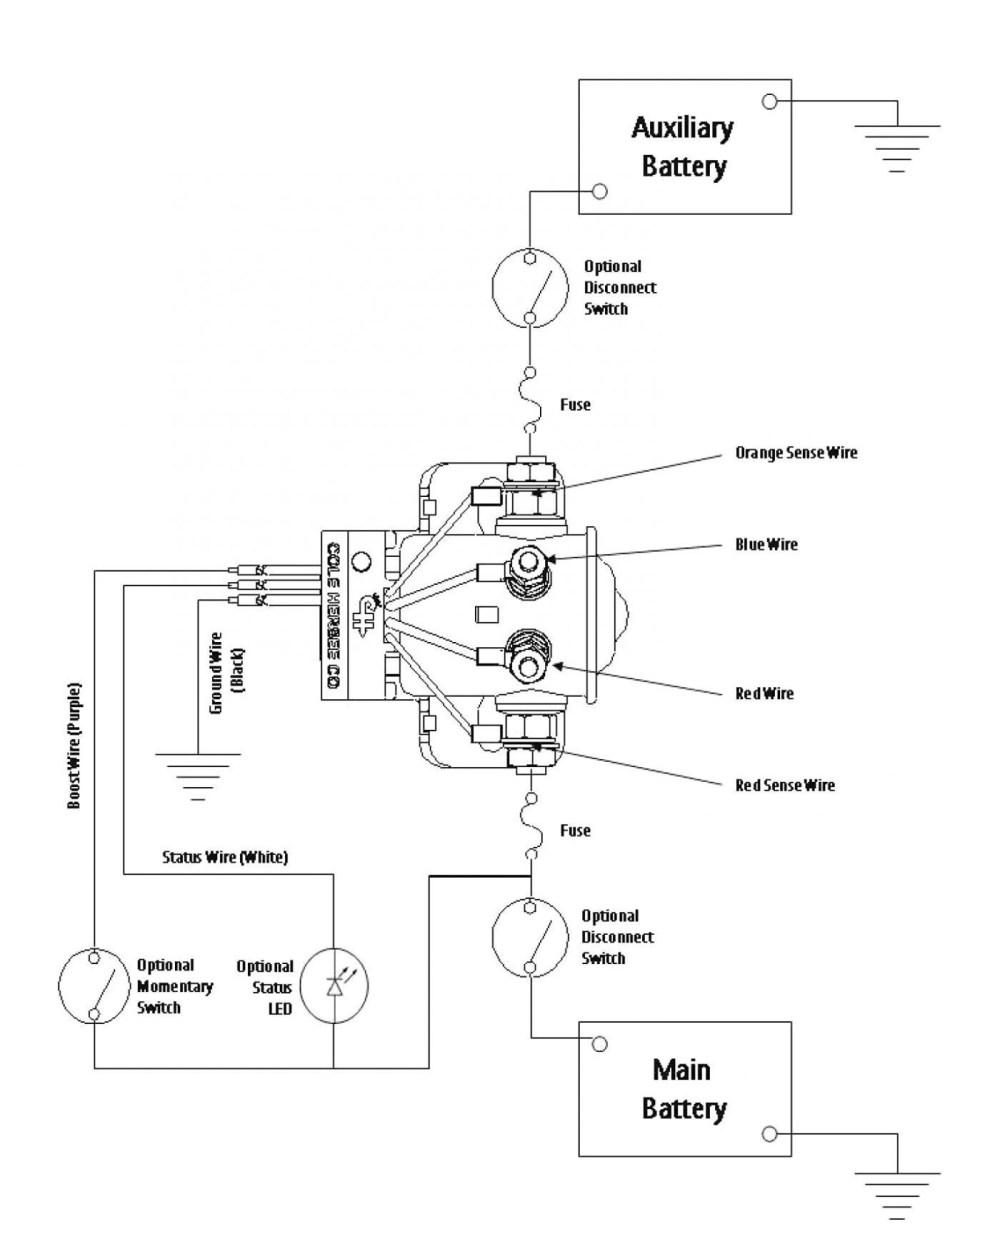 medium resolution of 1995 club car wiring diagram wiring library1986 club car wiring diagram wiring diagram image club car